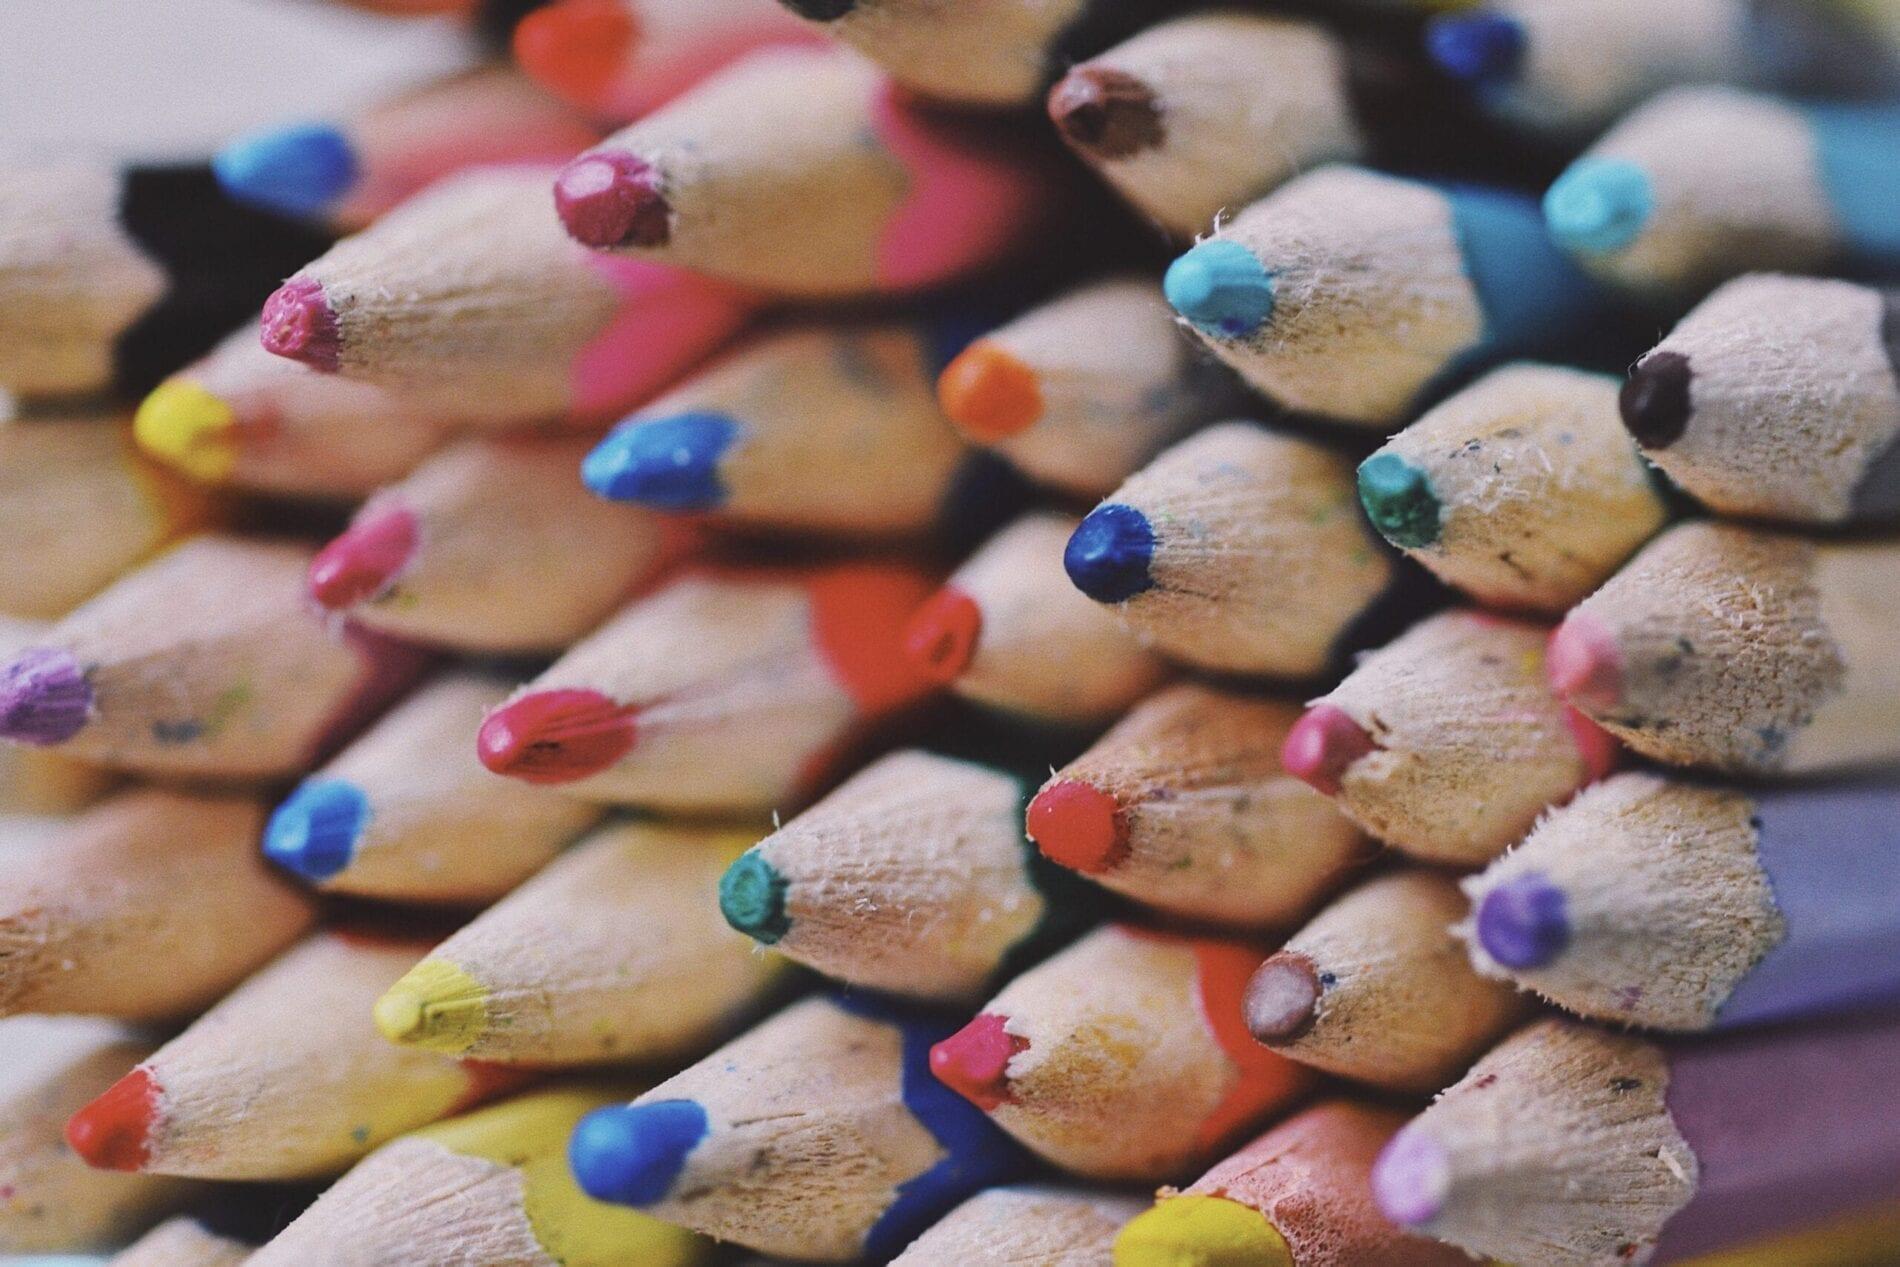 Broadening your understanding of inclusion in your workforce